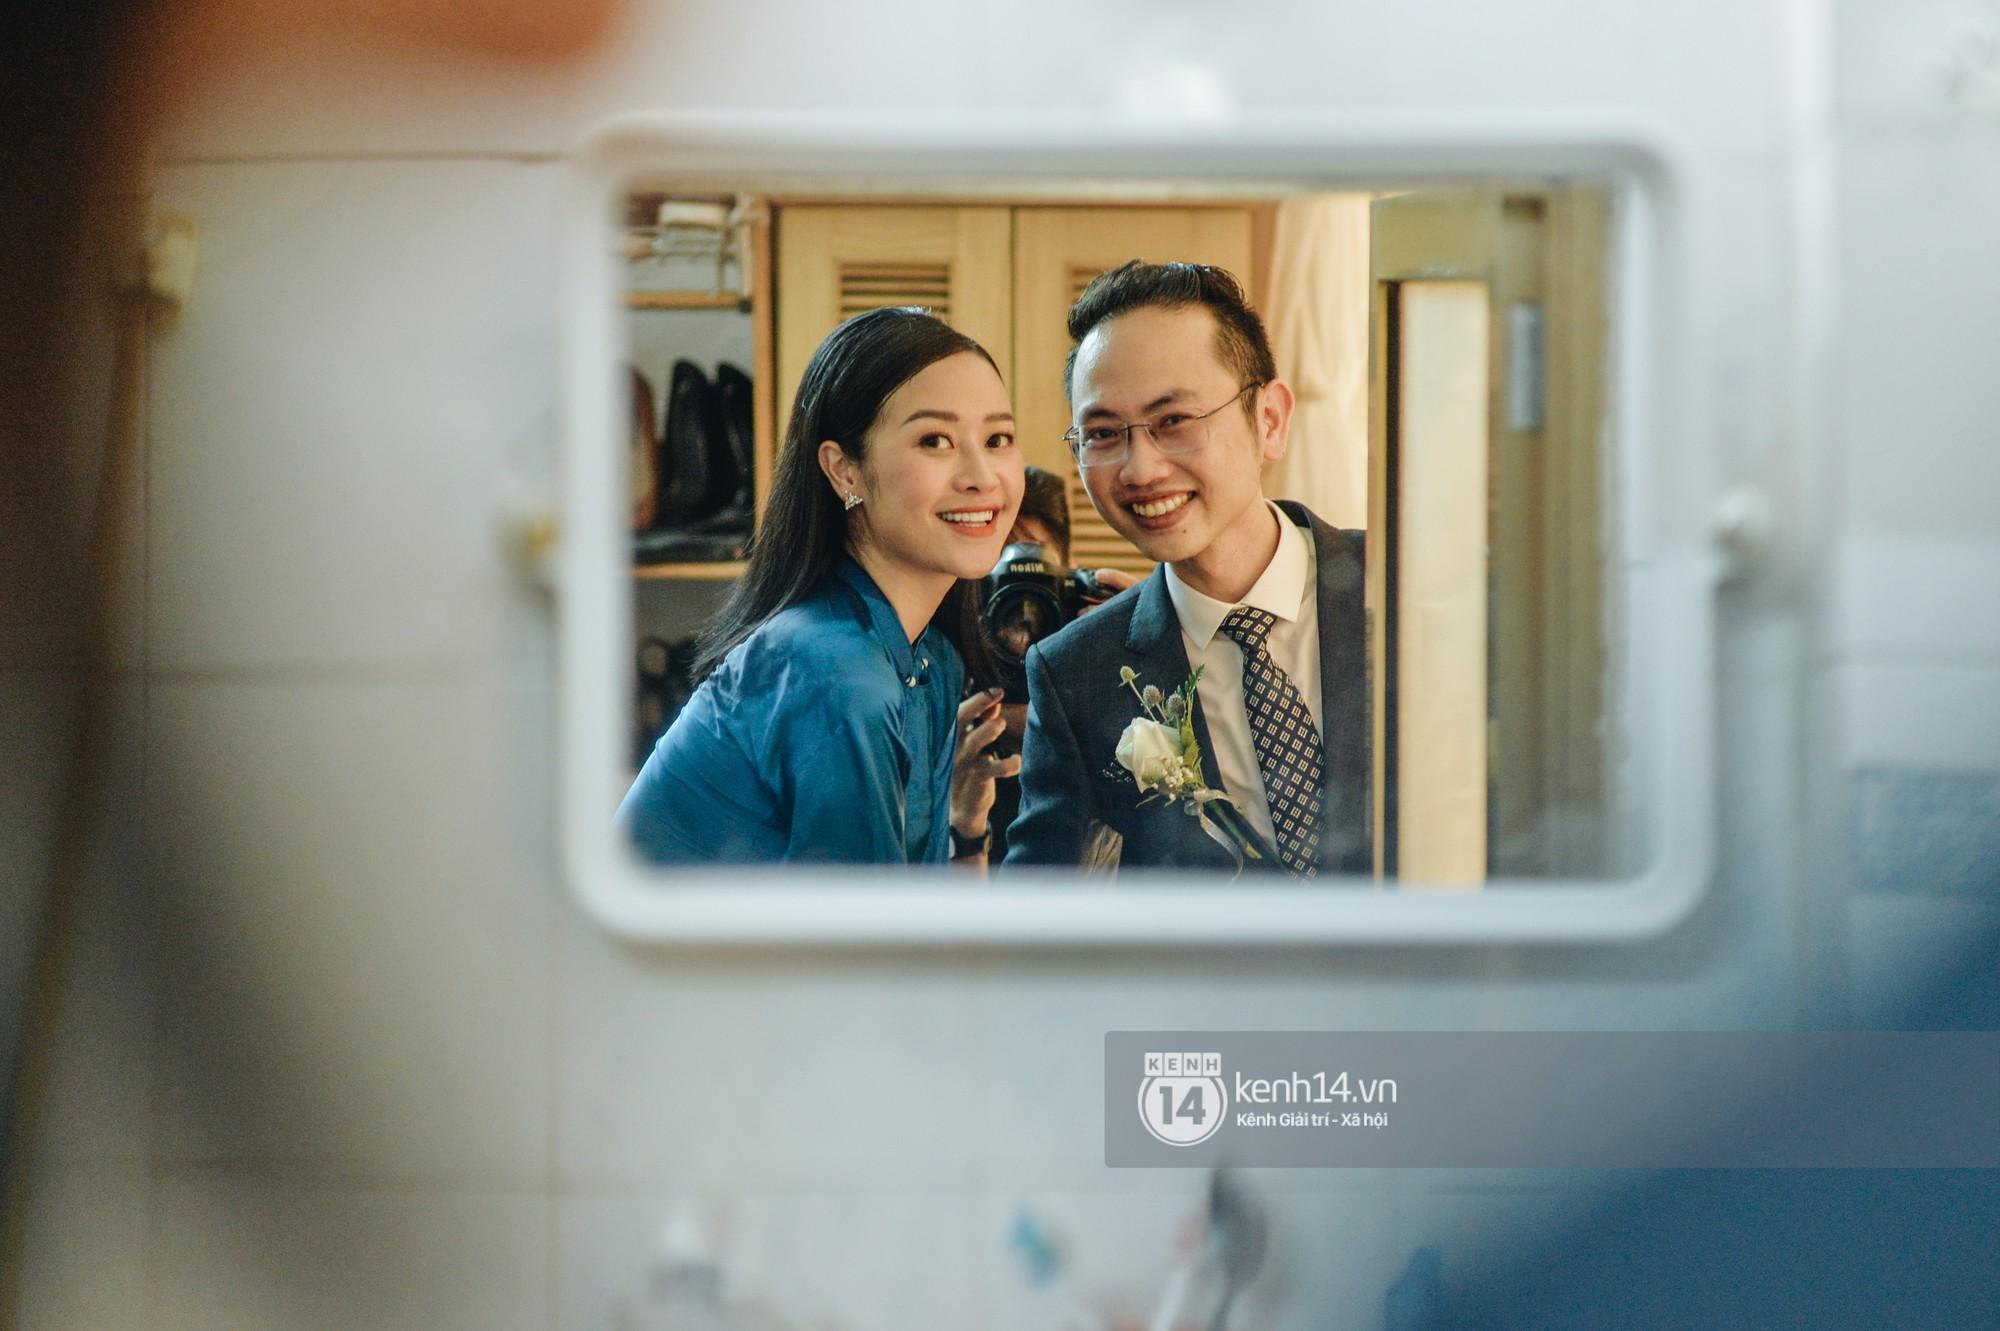 Ngắm MC Phí Linh đẹp nền nã khi diện 2 bộ áo dài trong lễ ăn hỏi với bạn trai đồng nghiệp - Ảnh 3.